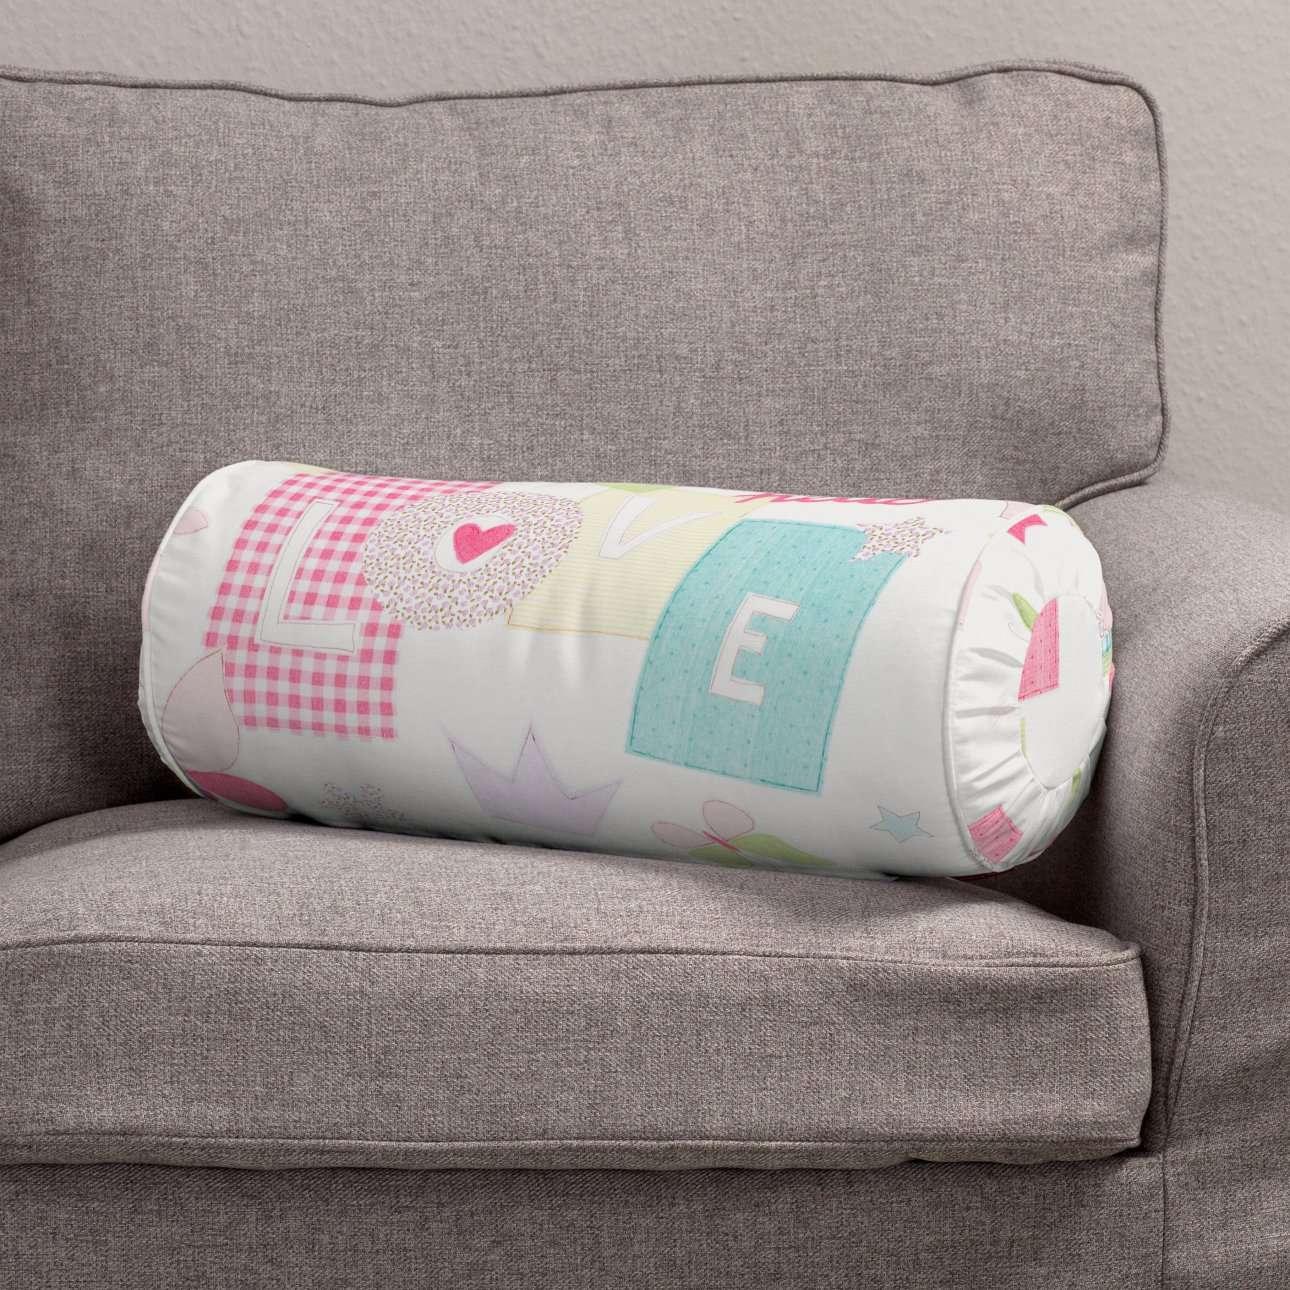 Poduszka wałek z zakładkami Ø20x50cm w kolekcji Little World, tkanina: 141-51